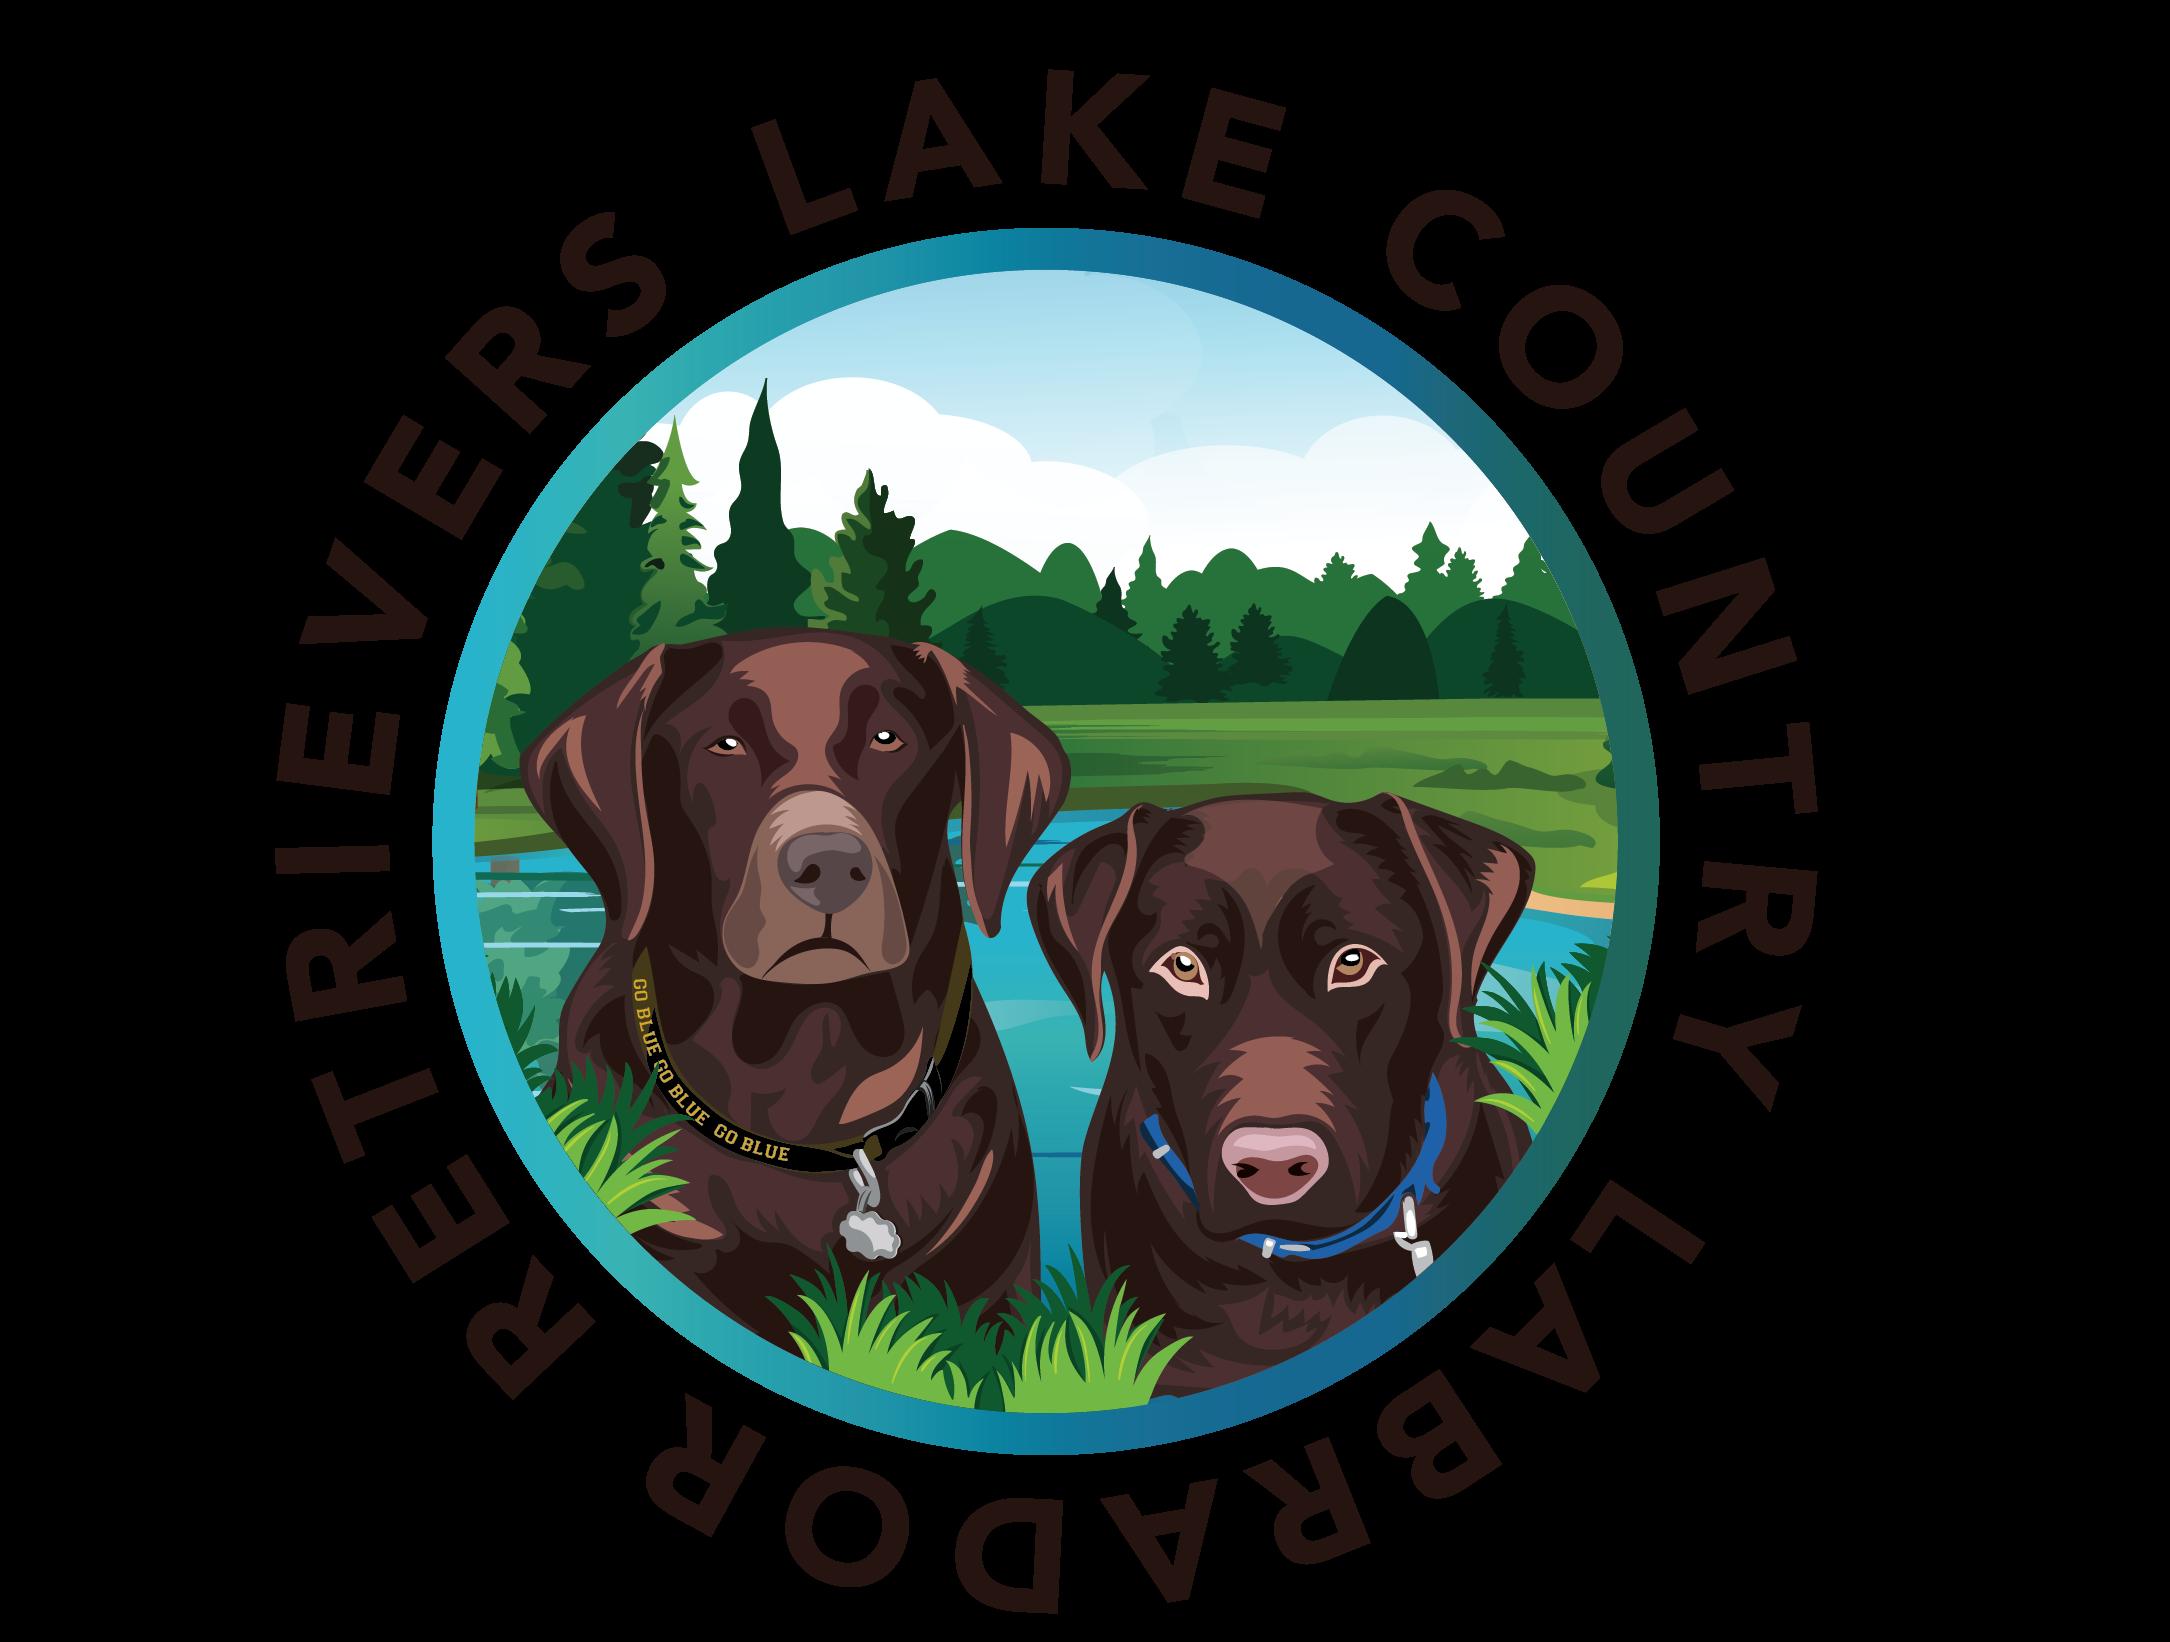 AKC Registered Labrador Retriever Puppies